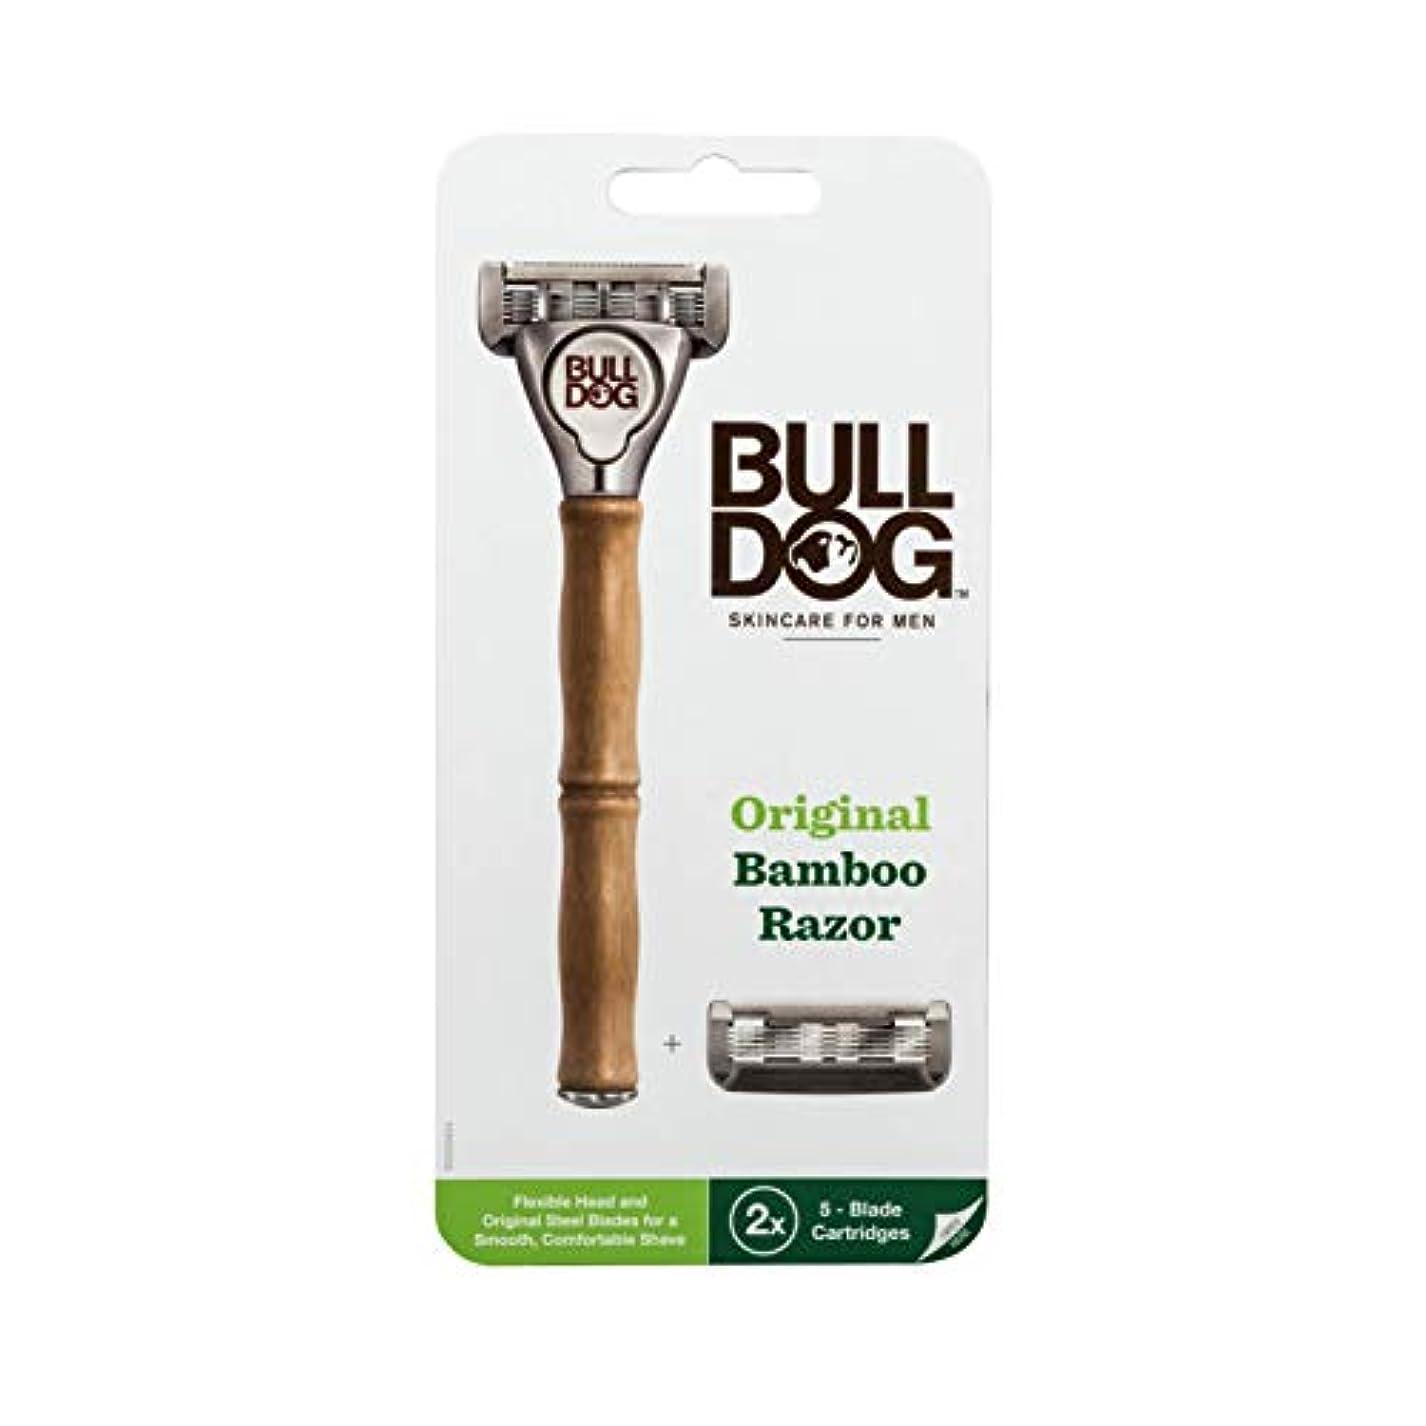 創始者パイプライン酸化するブルドッグ Bulldog 5枚刃 オリジナルバンブーホルダー 水に強い竹製ハンドル 替刃 2コ付 男性カミソリ